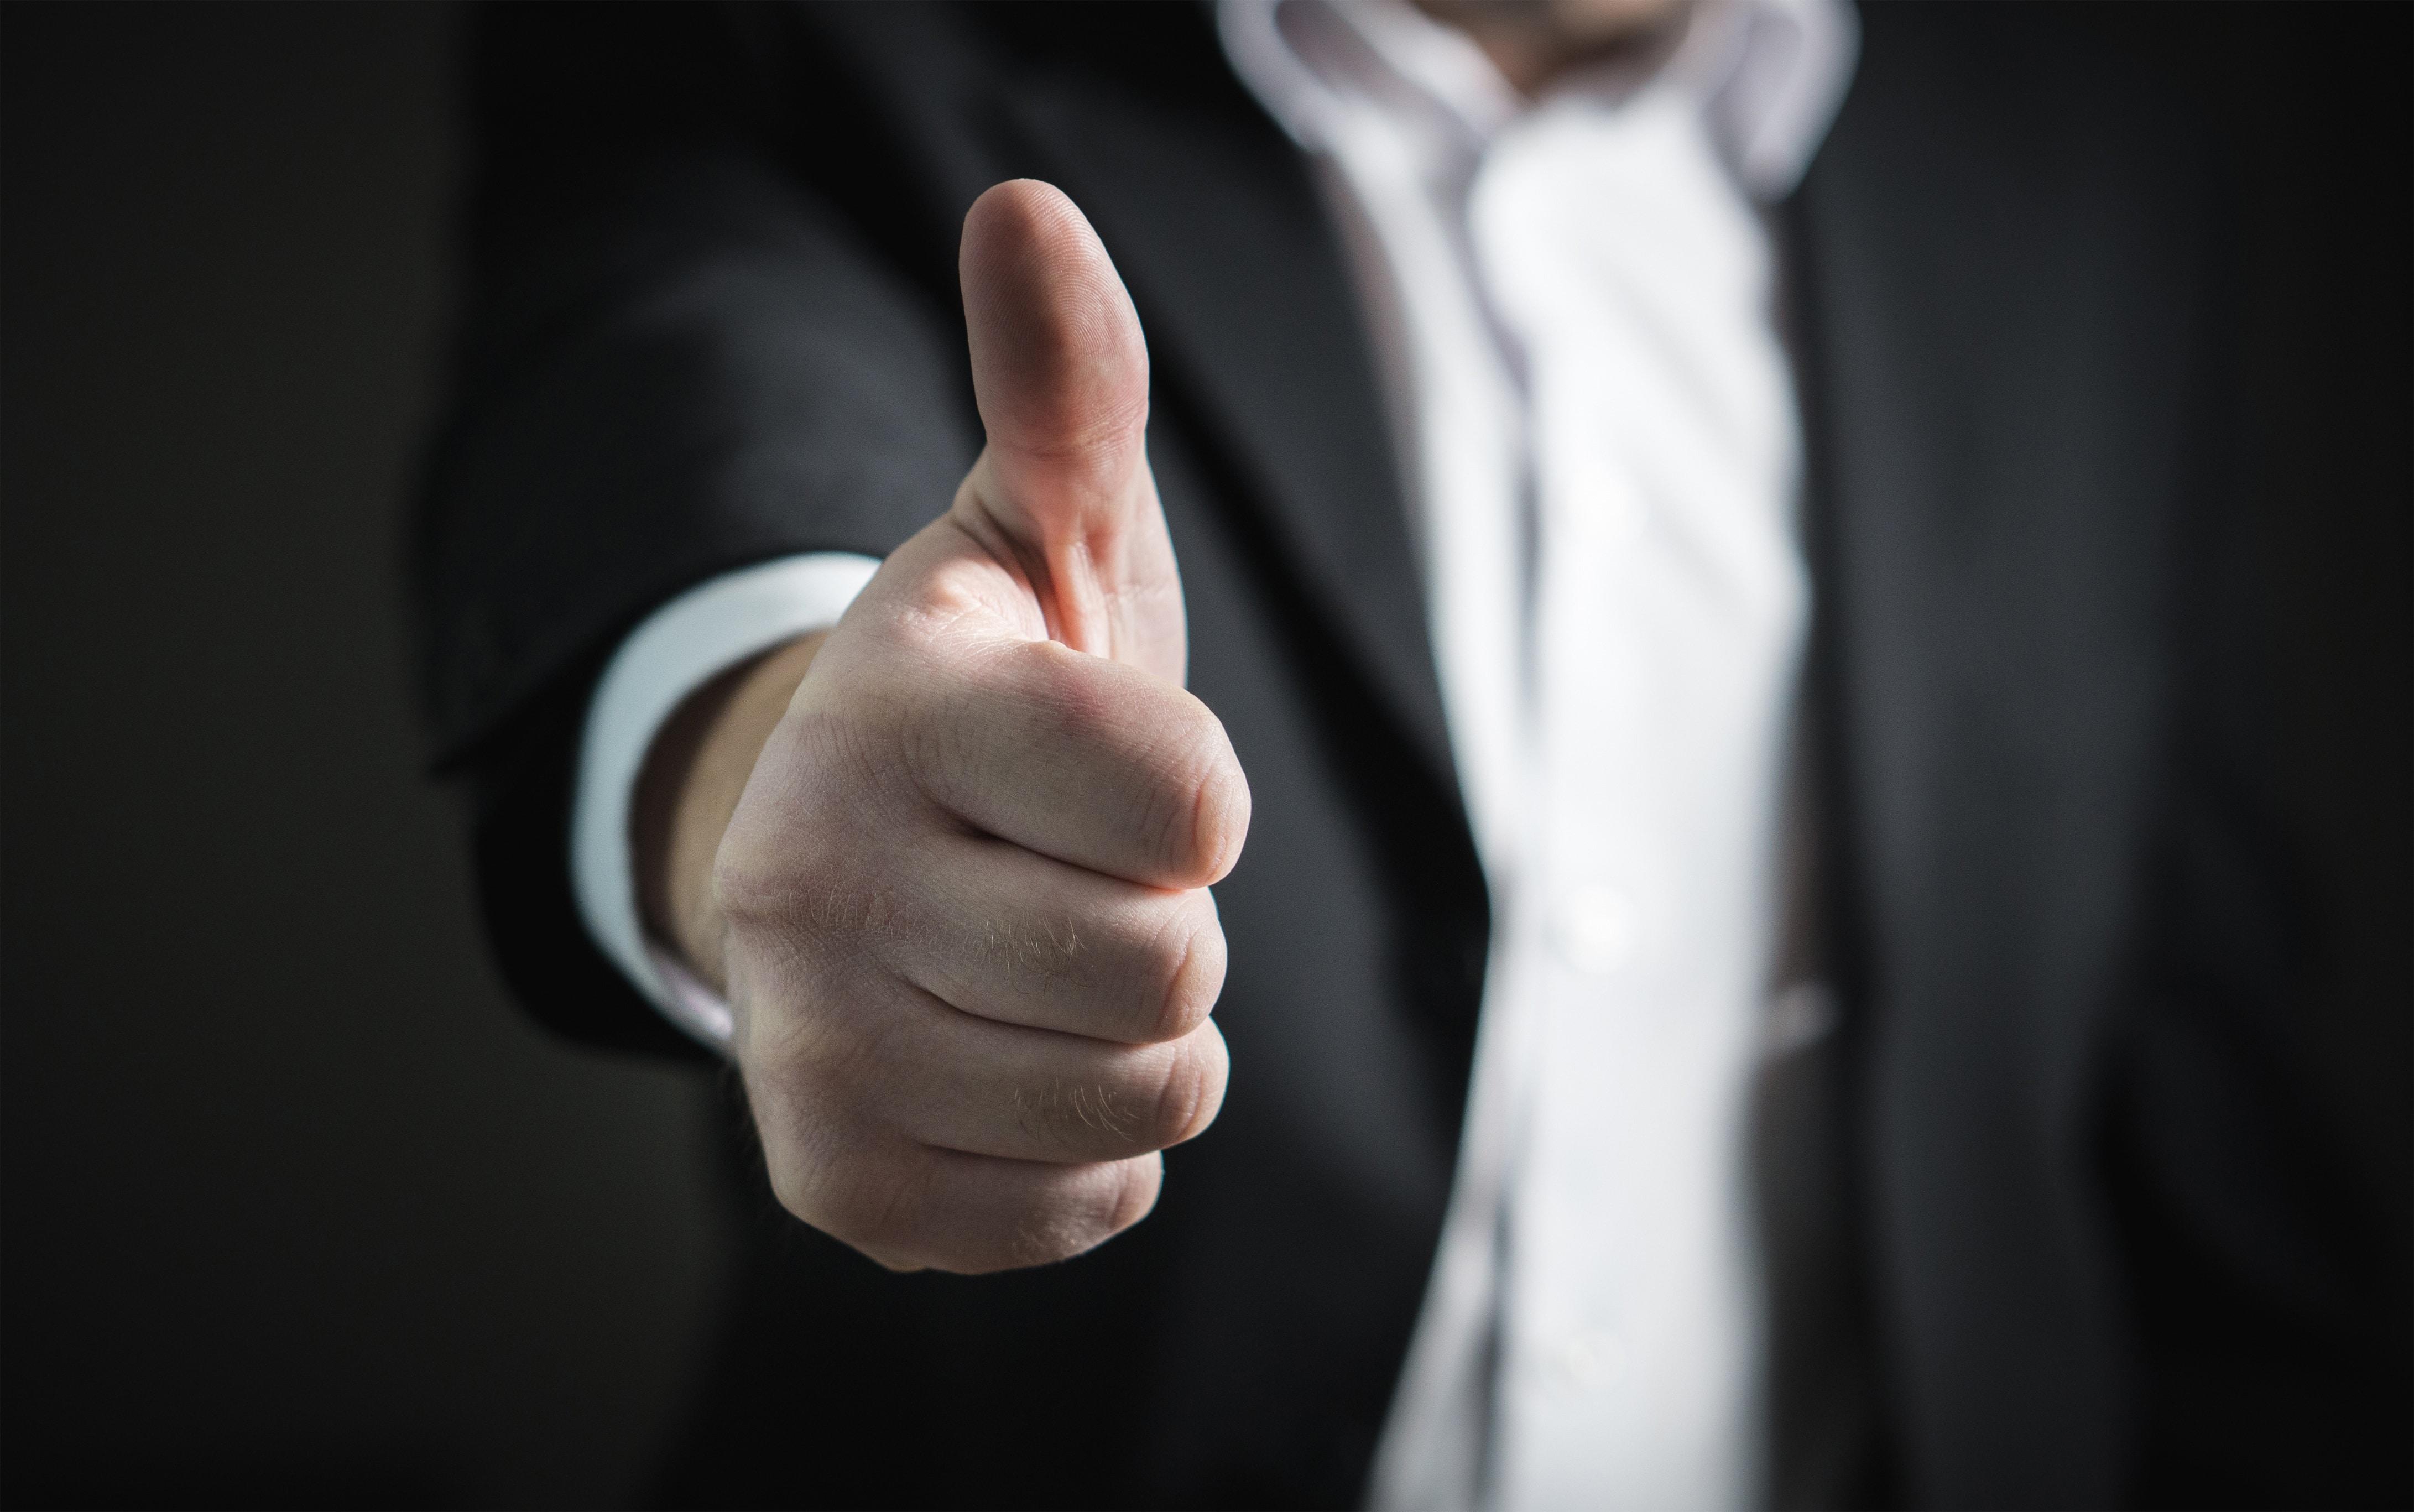 Hustle Cosa Significa? Hustler, Business e Crescita Personale